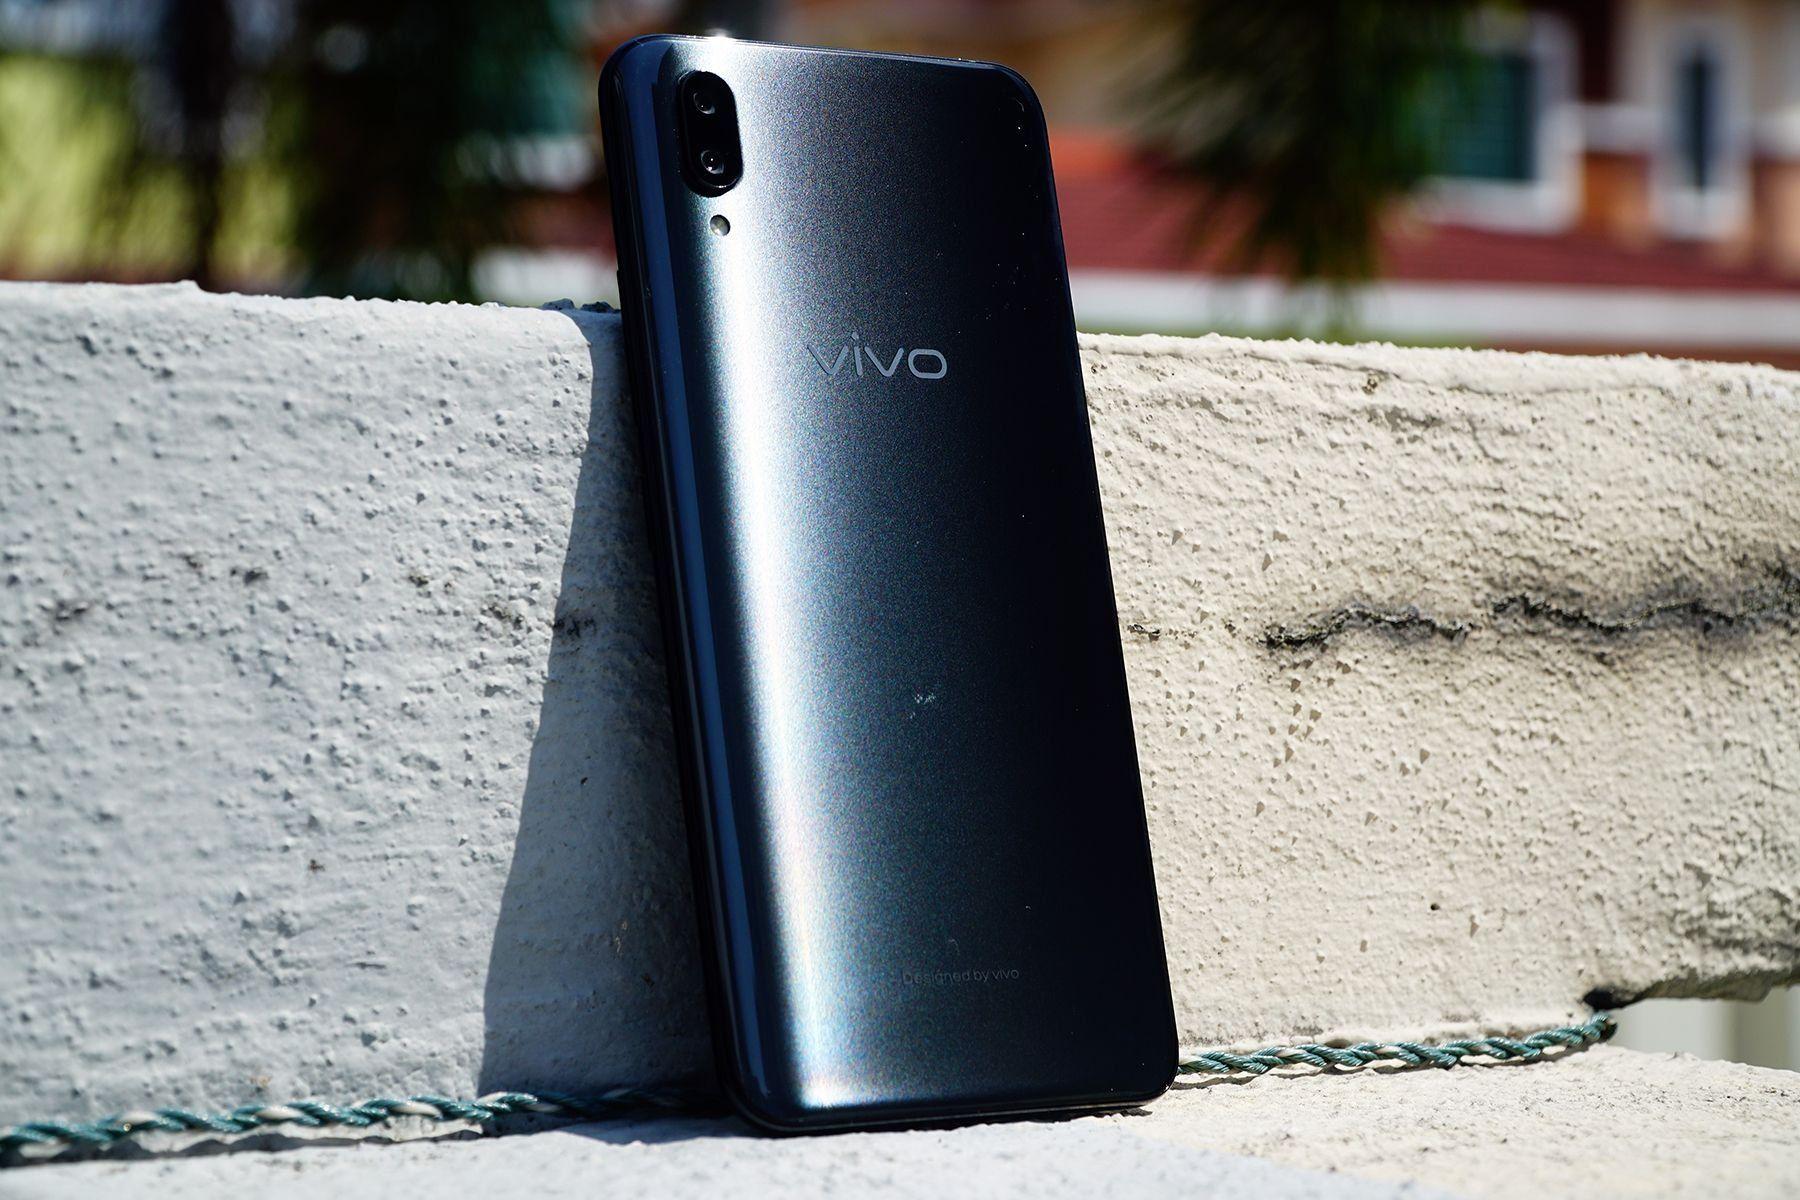 Смартфоны Vivo x21 и x21UD — достоинства и недостатки